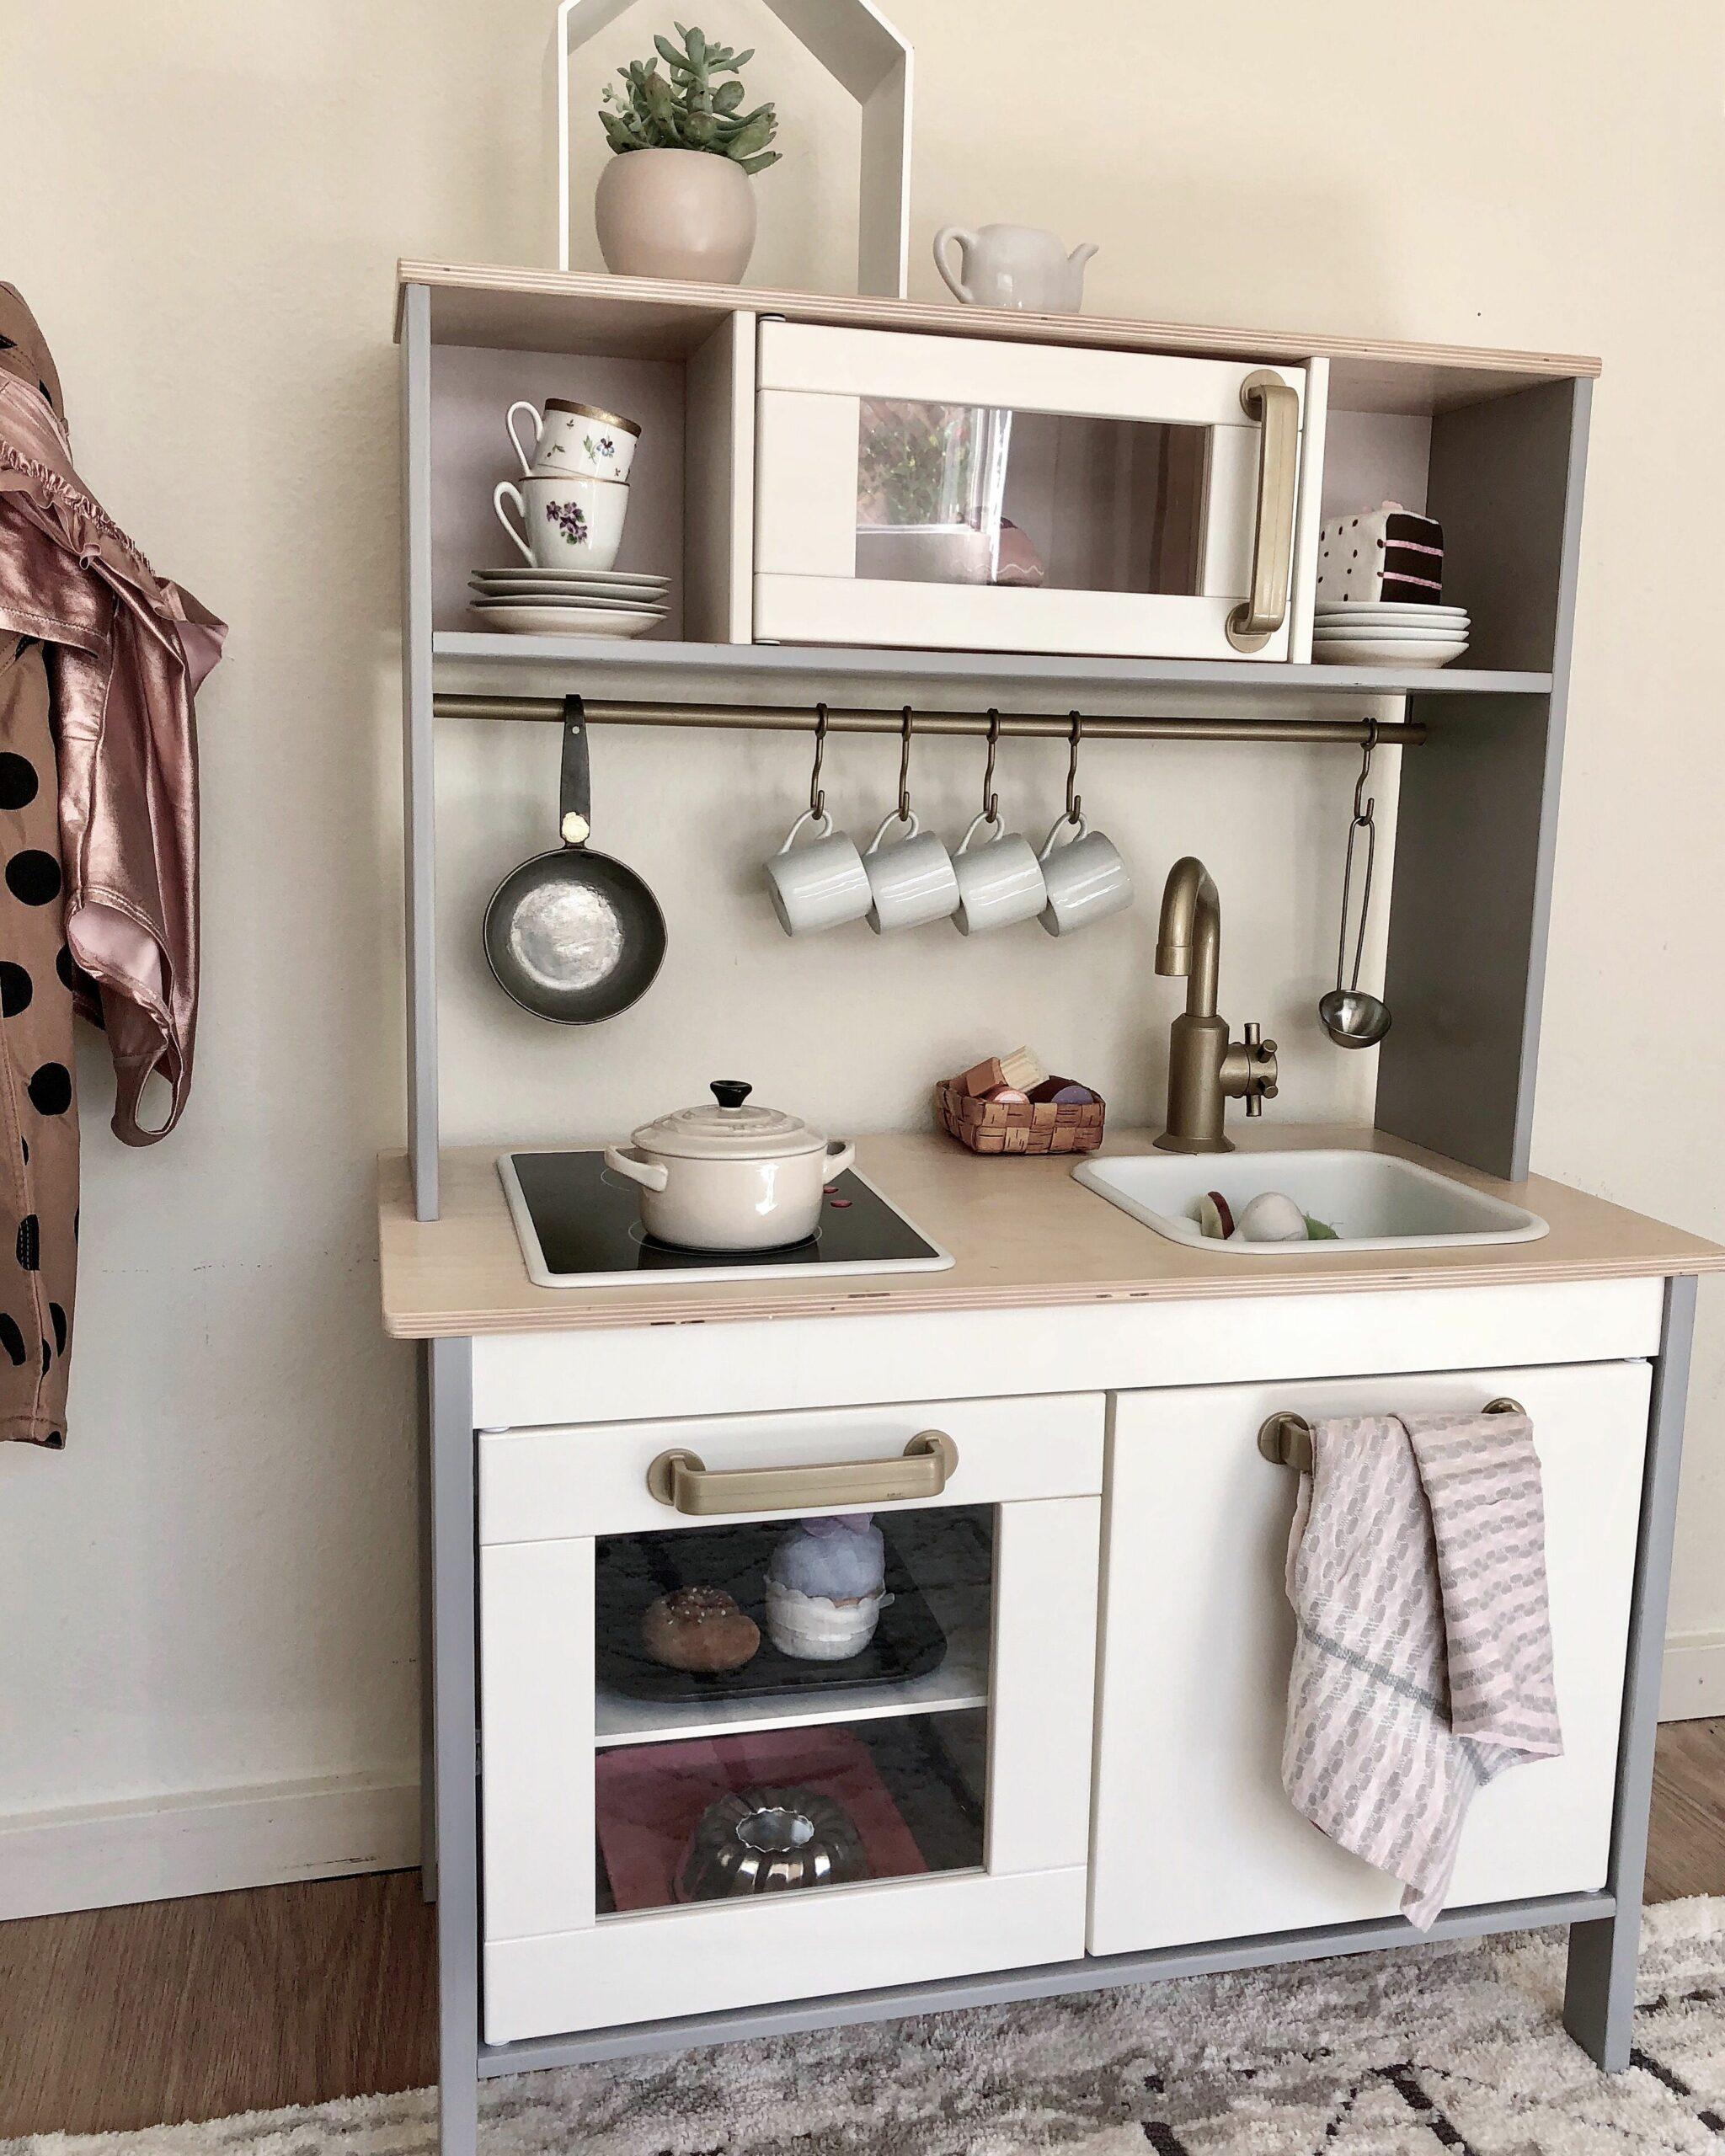 Ikea Play Kitchen Utensils